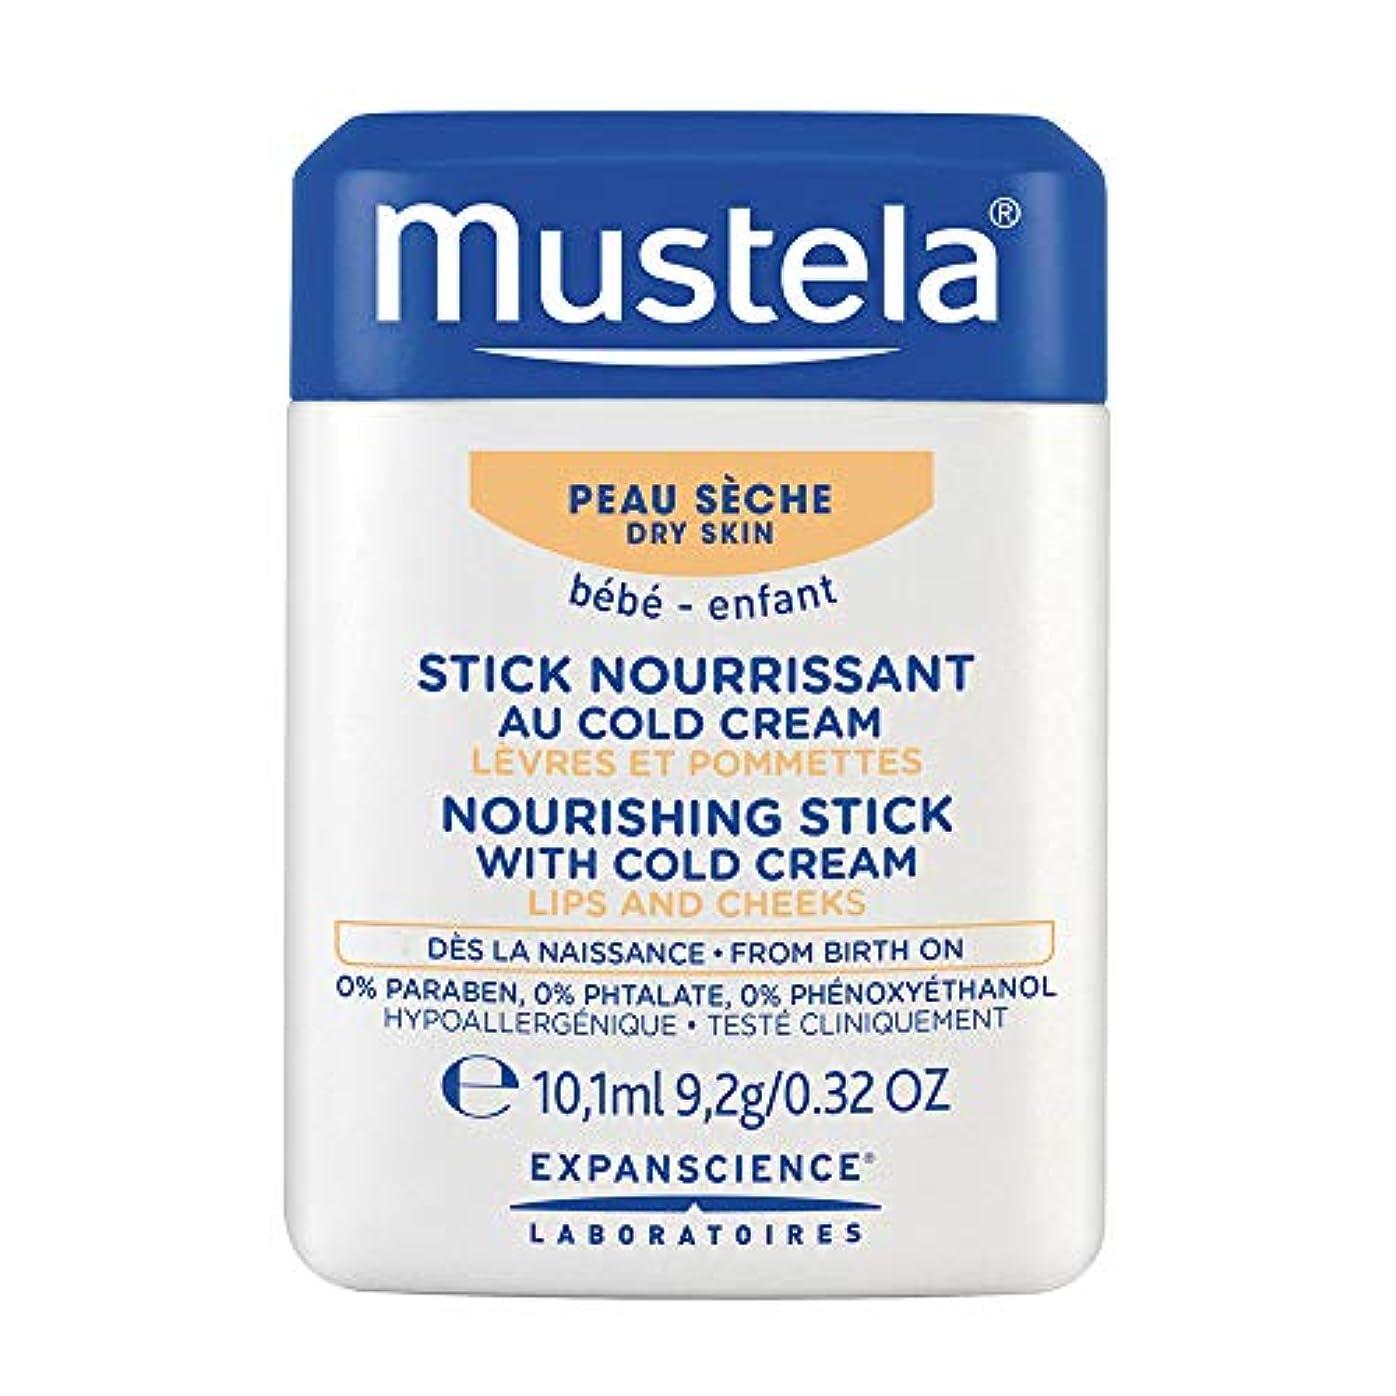 受信渦植物学者ムステラ Nourishing Stick With Cold Cream (Lips & Cheeks) - For Dry Skin 9.2g/0.32oz並行輸入品